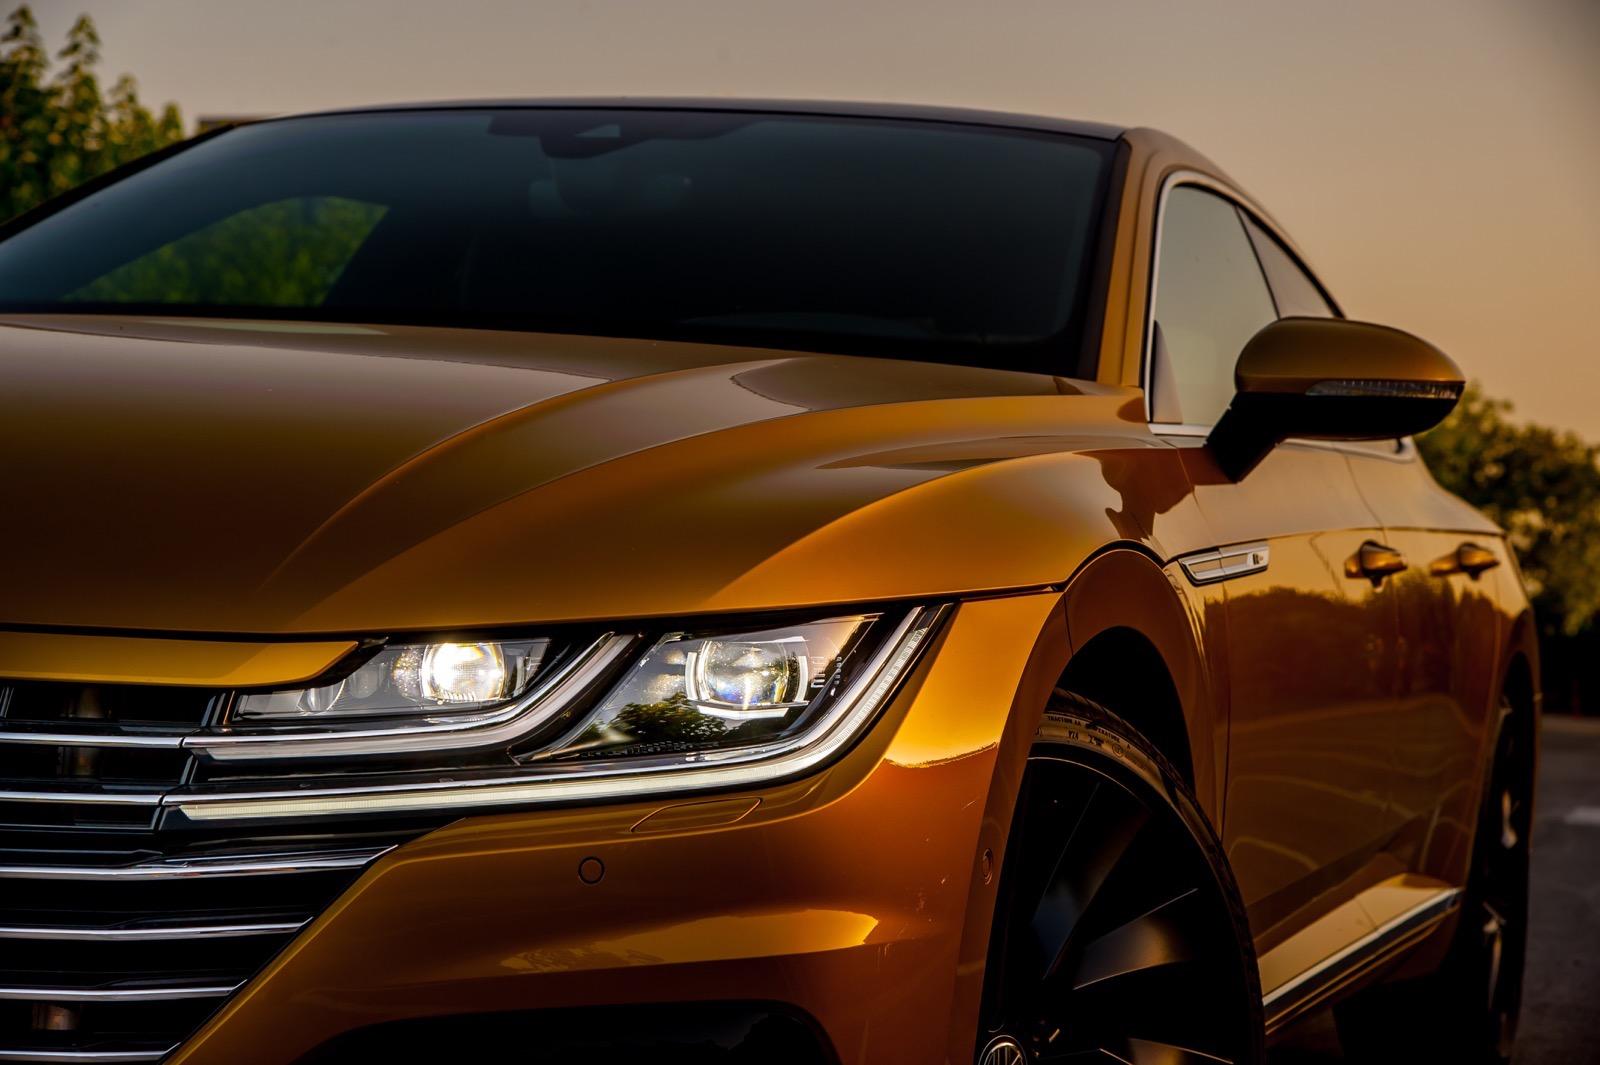 Volkswagen_Arteon_Greek_Presentataion_49